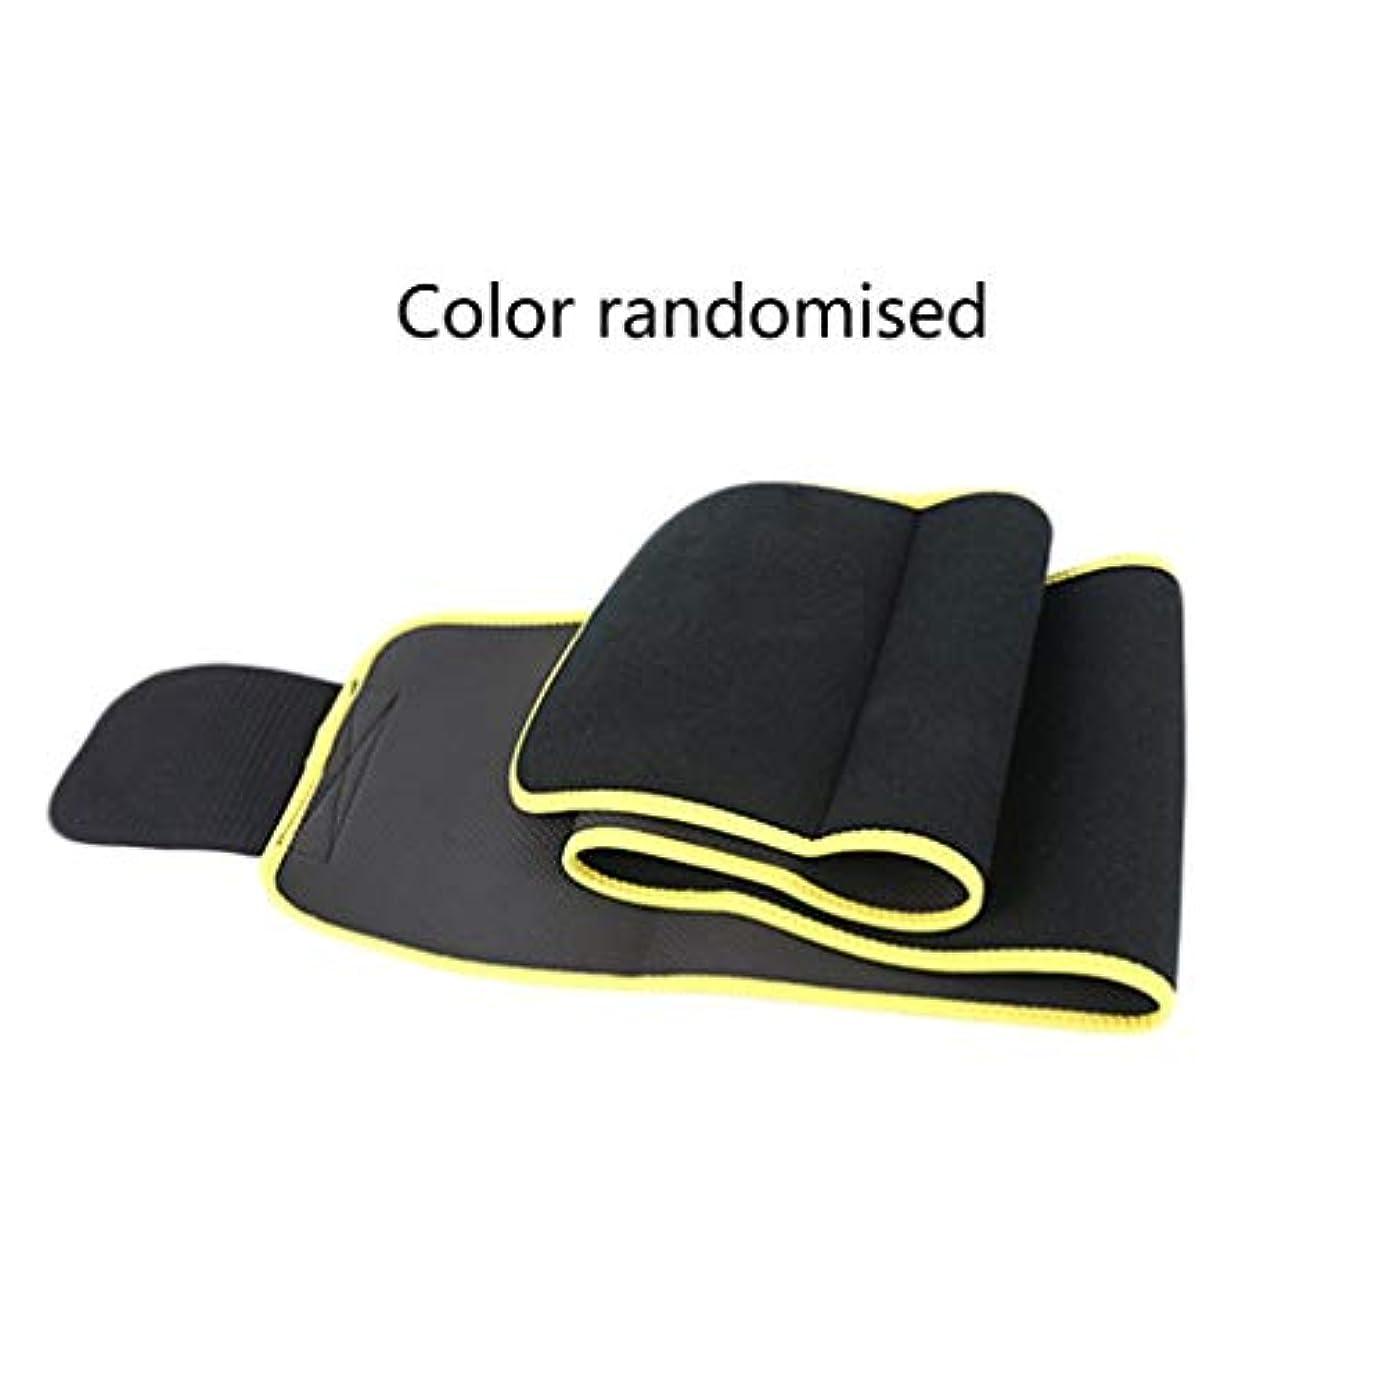 文房具全体に毎年ウエストバンドウエストをトレーニングする男性女性のための通気性の複合腰椎サポート-Rustle666